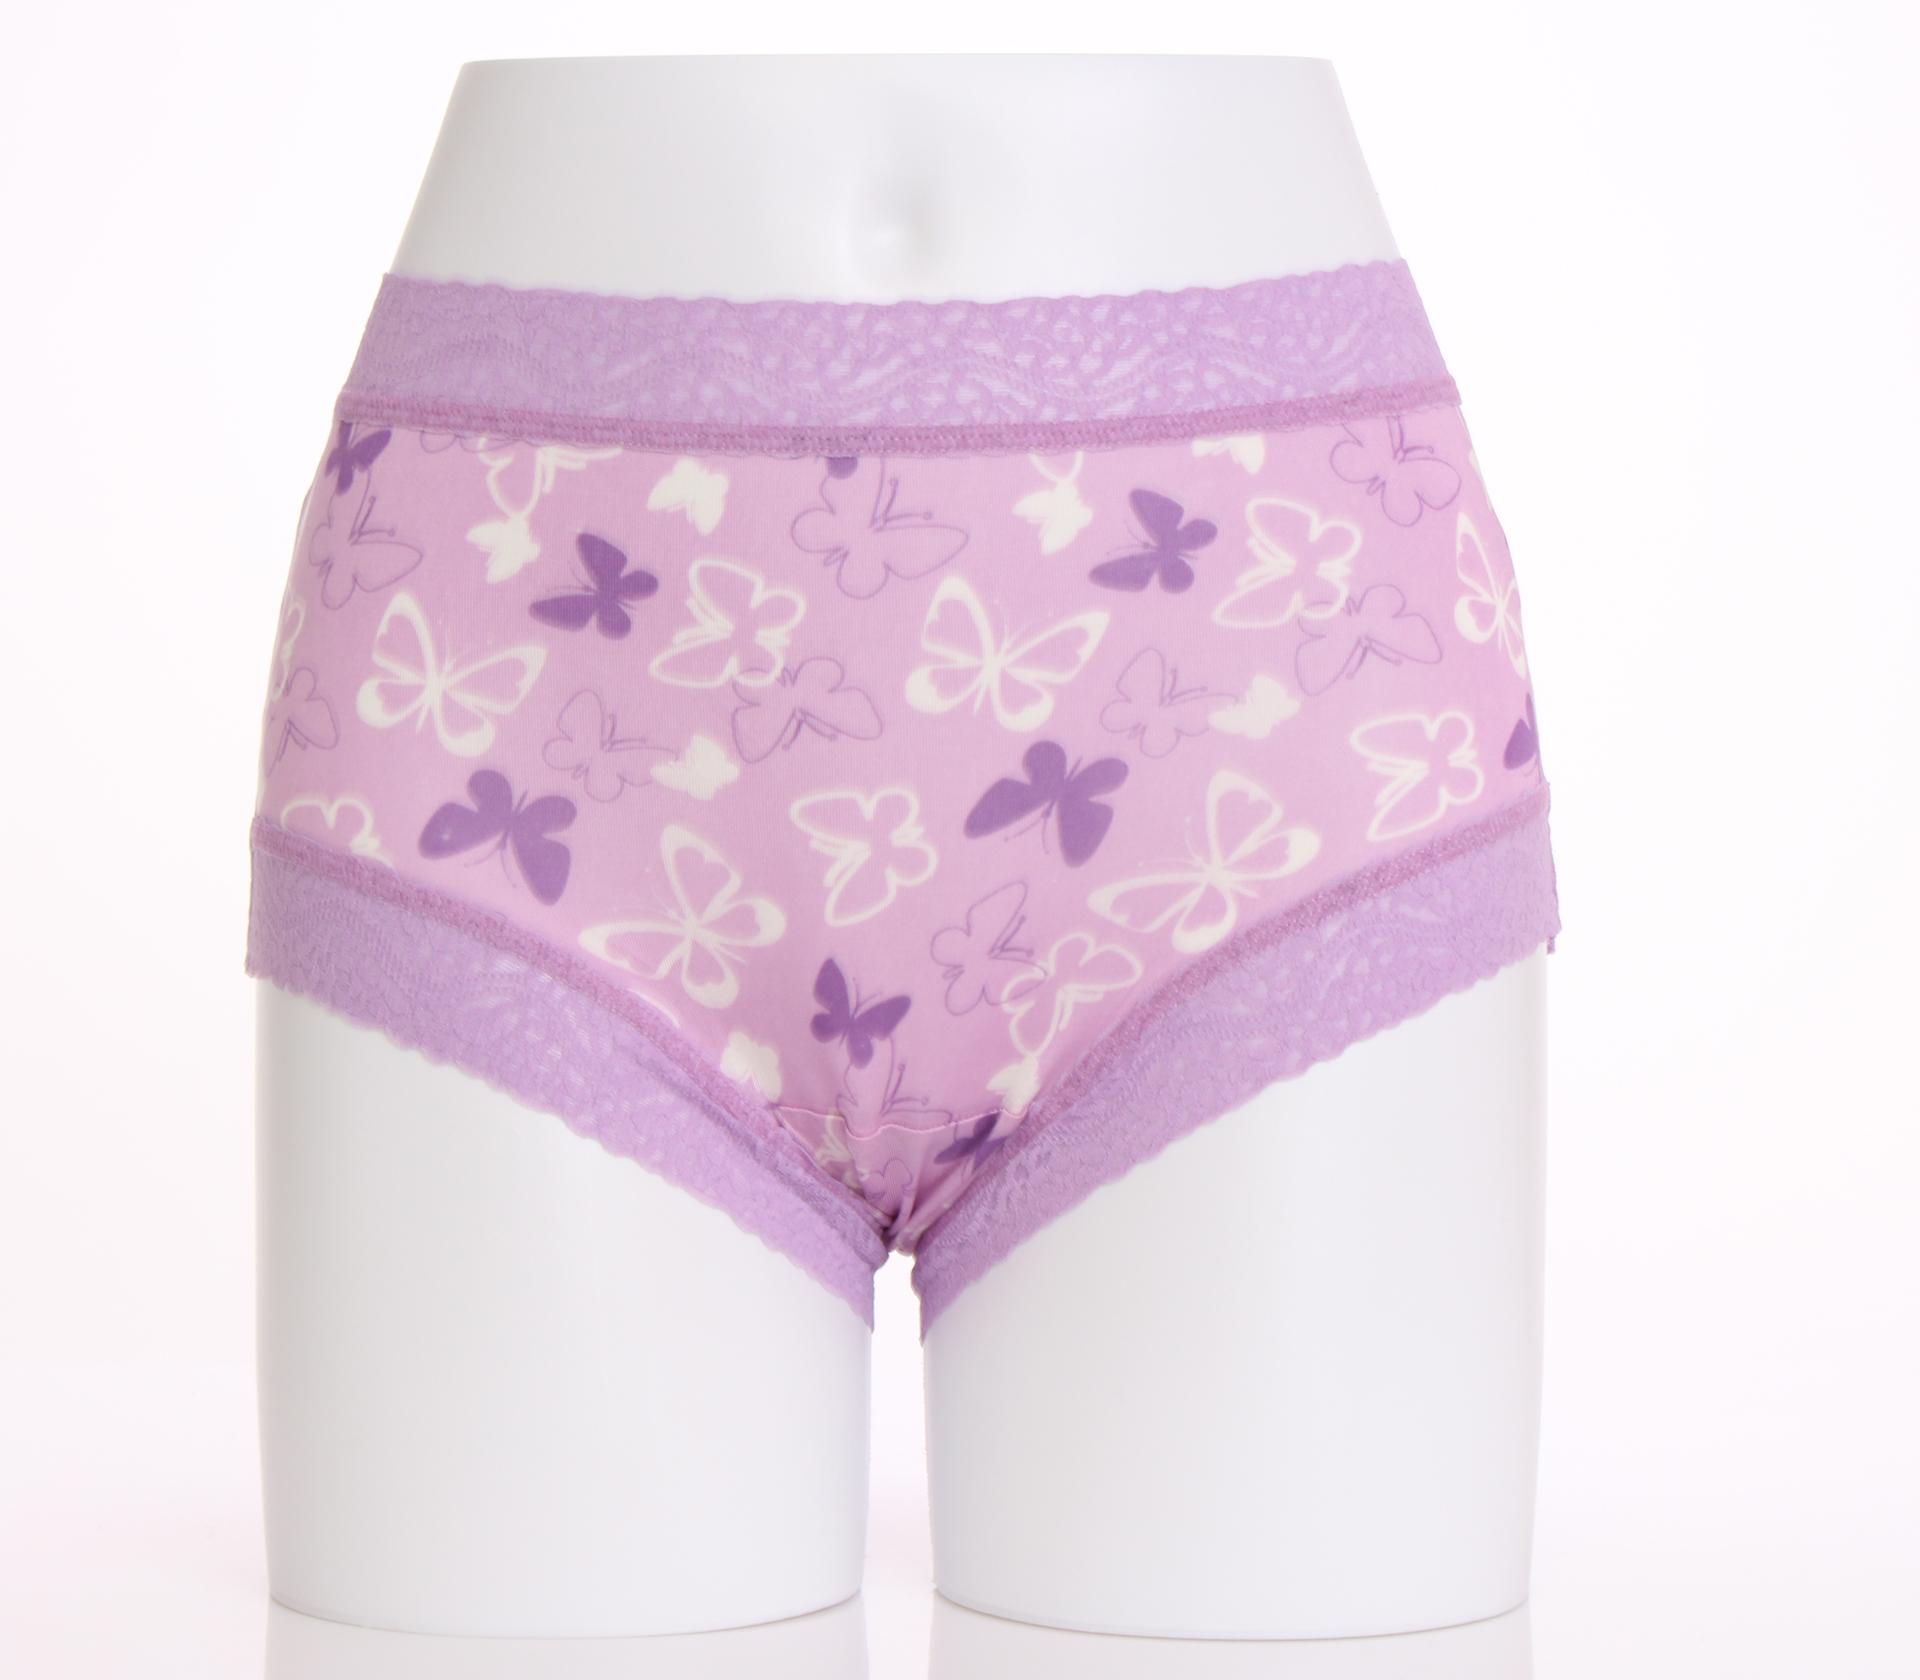 闕蘭絹蝶之舞滿滿蝴蝶100%蠶絲內褲-860(紫)